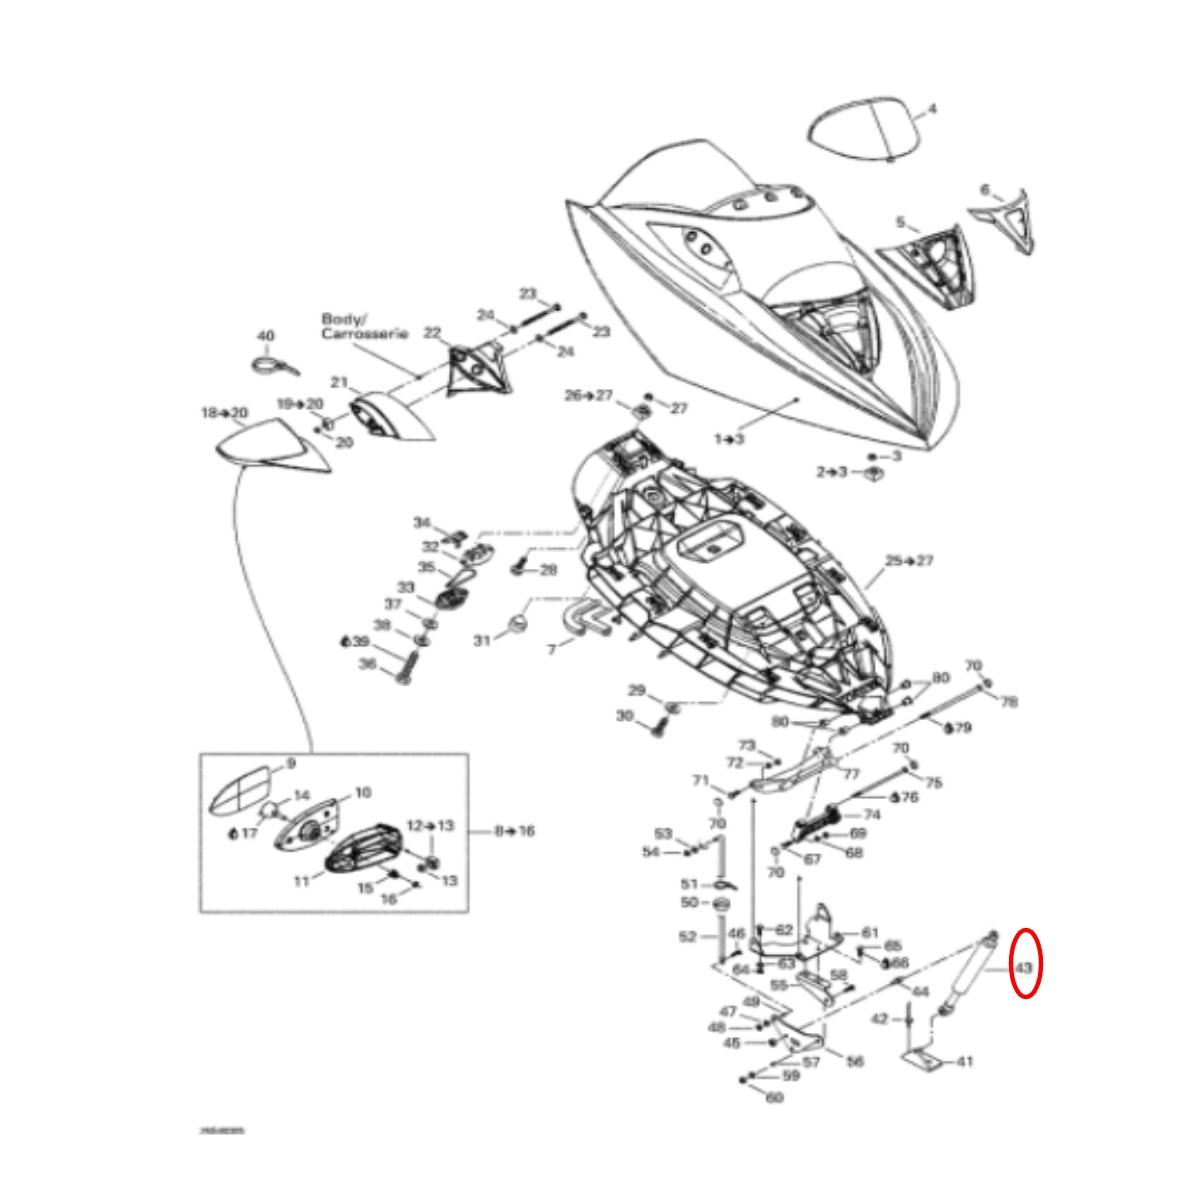 Amortecedor da Tampa Frontal jet ski Sea Doo GTX/RXT 4 Tec*  - Radical Peças - Peças para Jet Ski